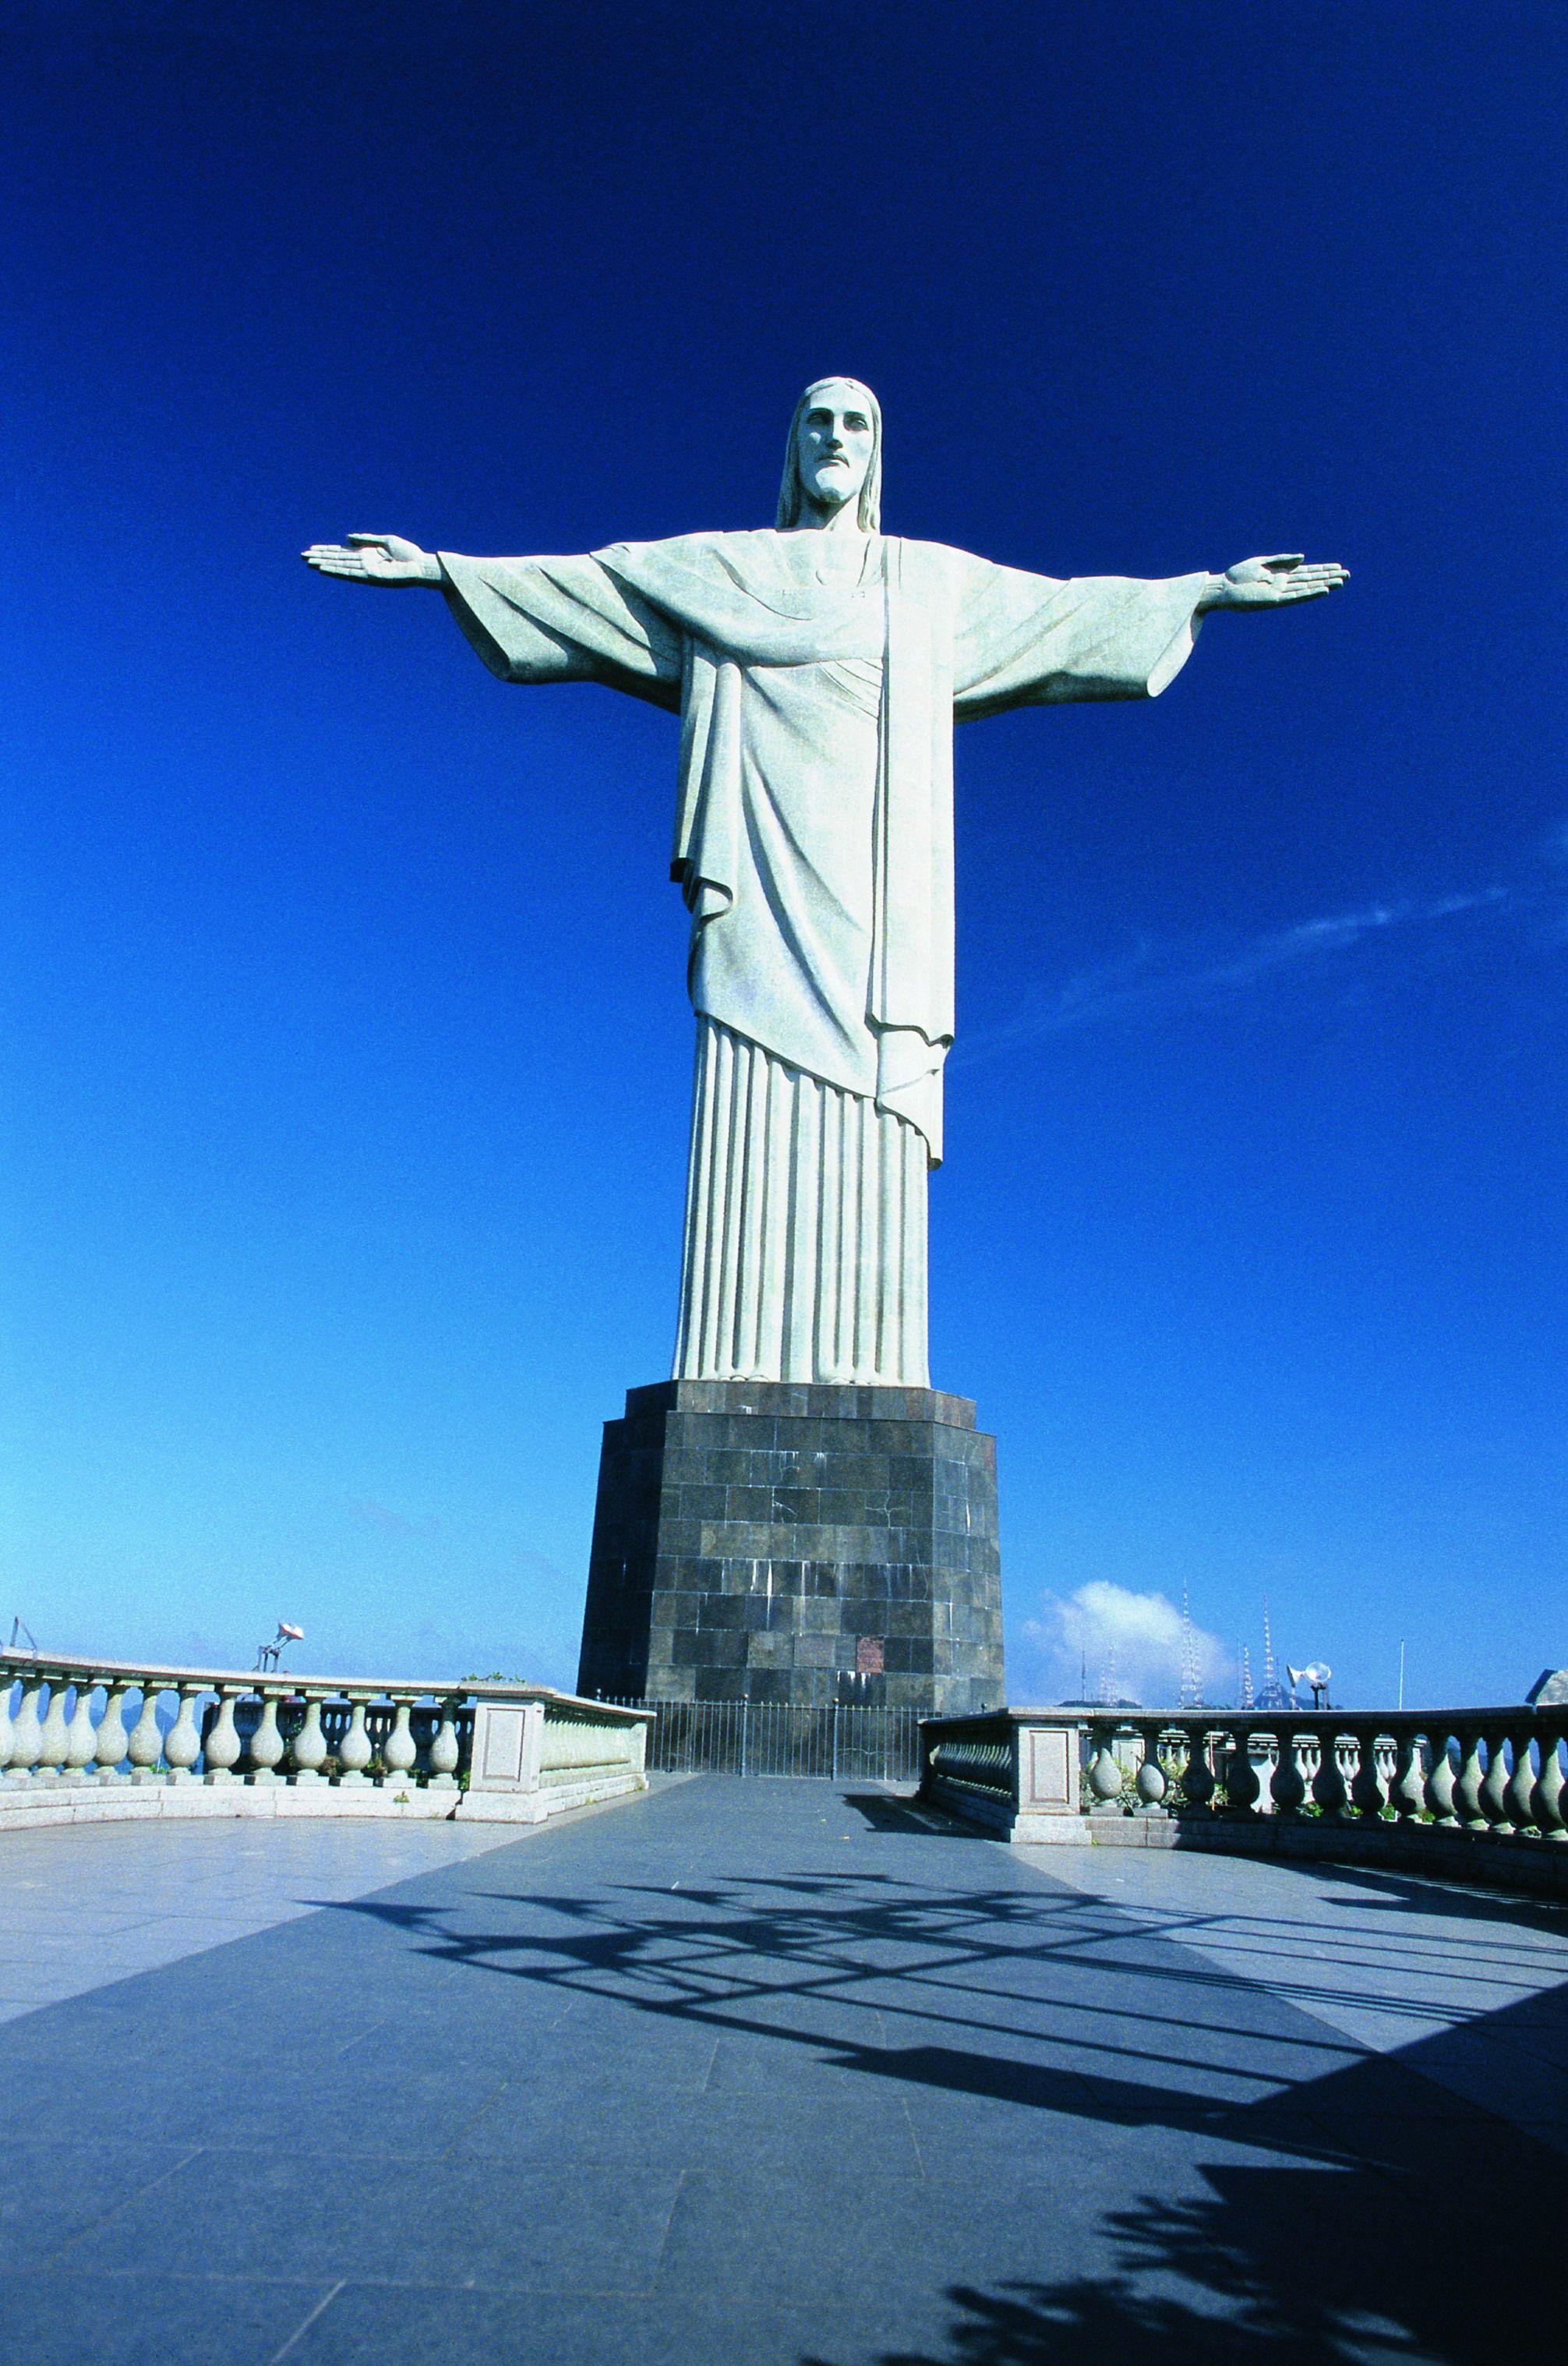 Cristo Redentor Monumento Maravilhoso Cristo Redentor Ponto Turistico Rio De Janeiro Cidade